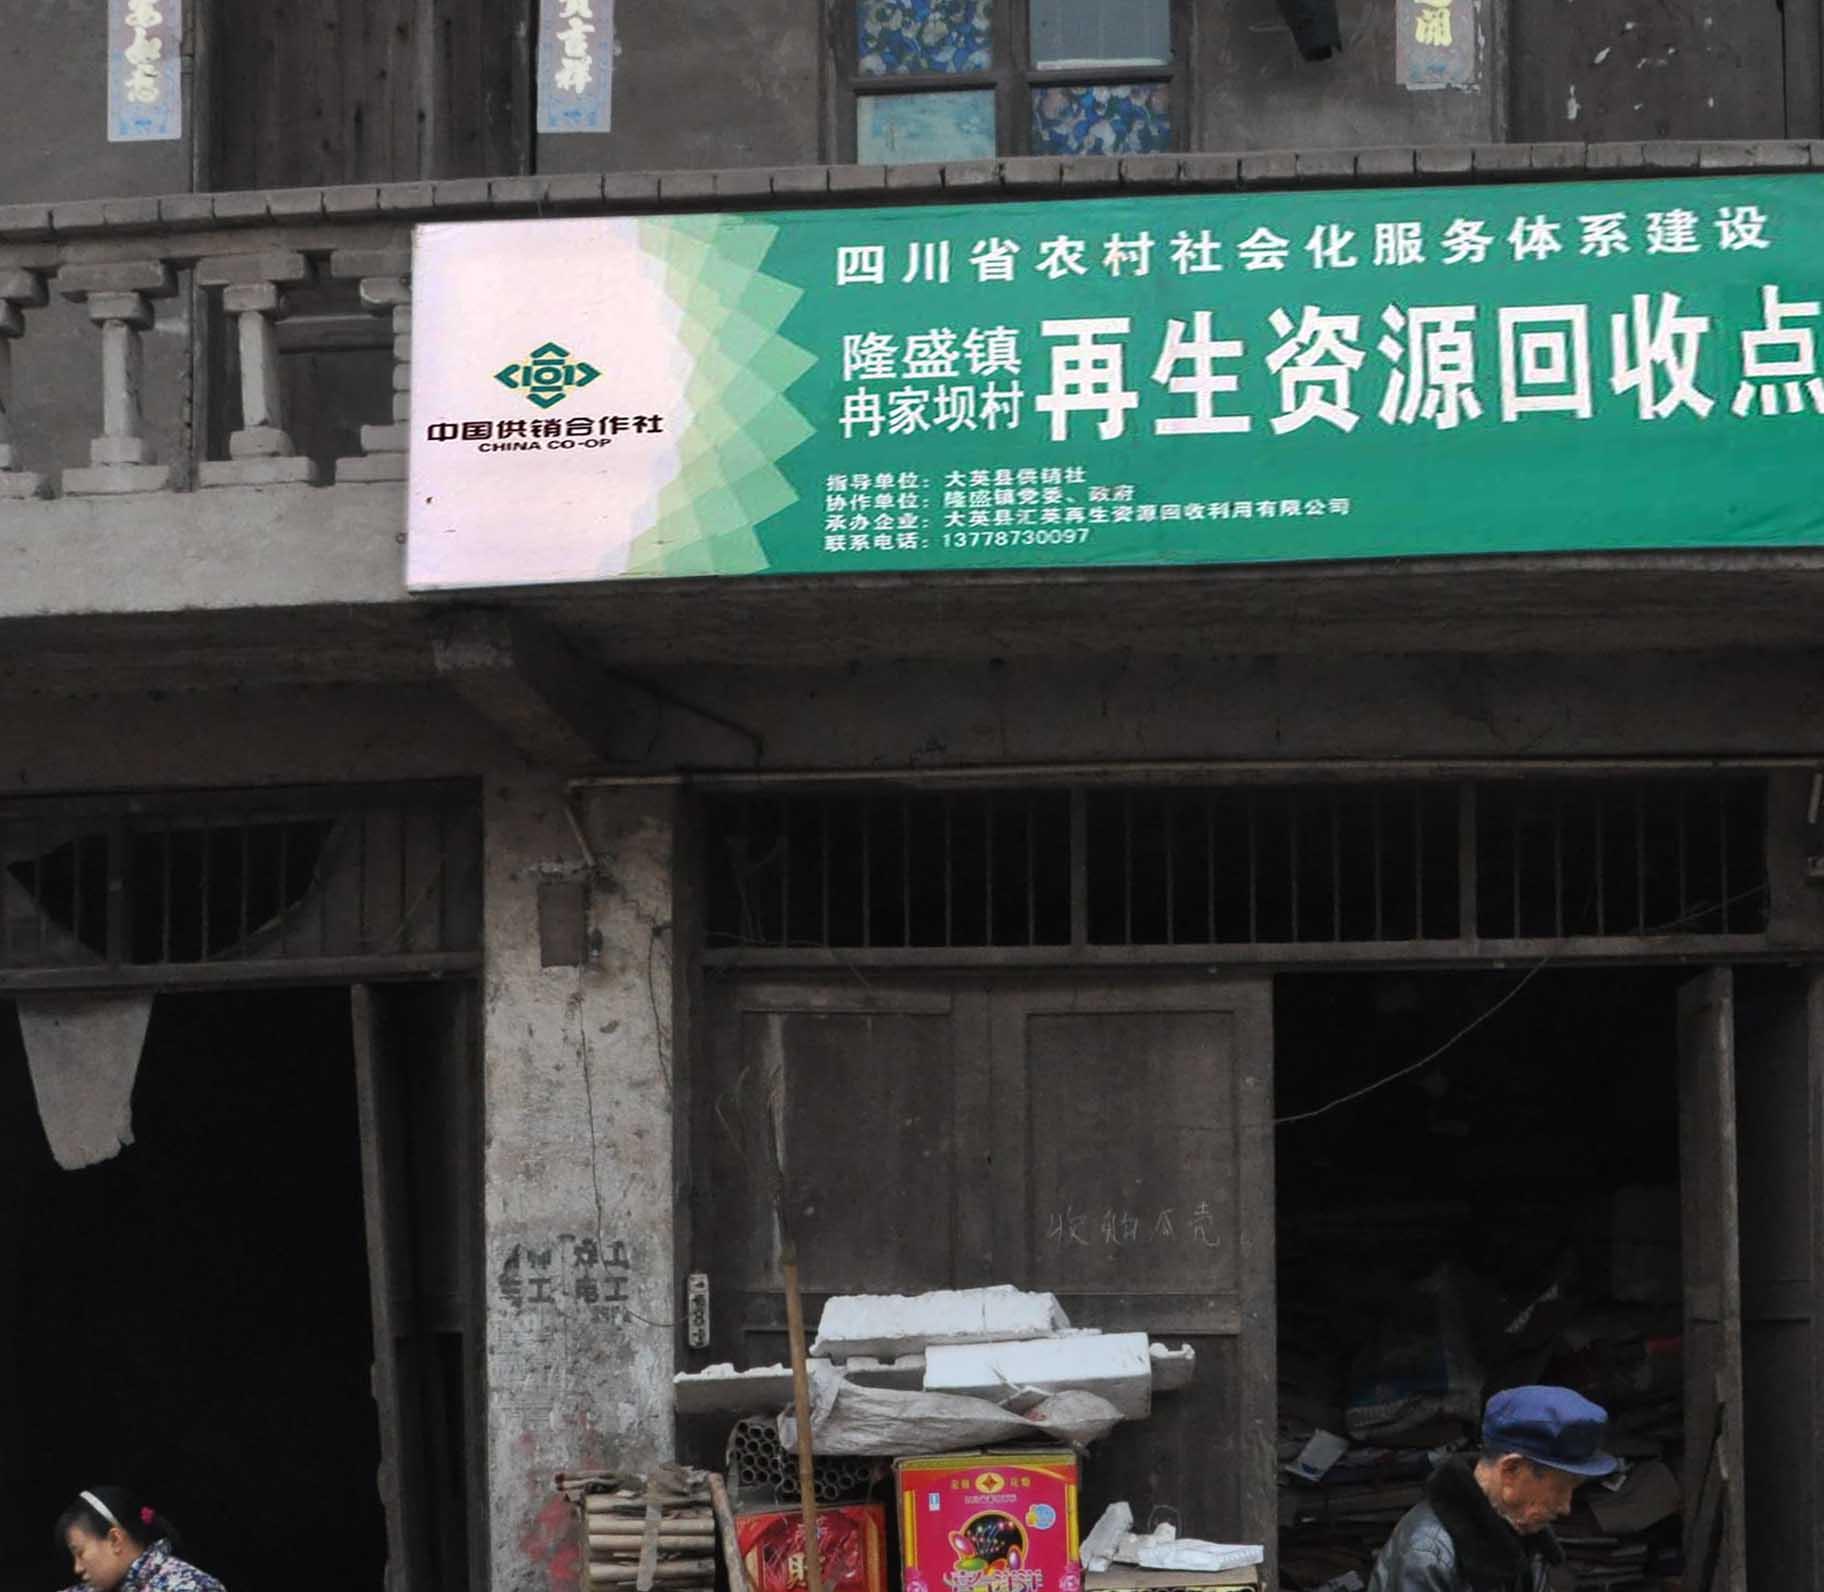 遂宁市大英县供销社隆盛镇冉家坝村再生资源回收点